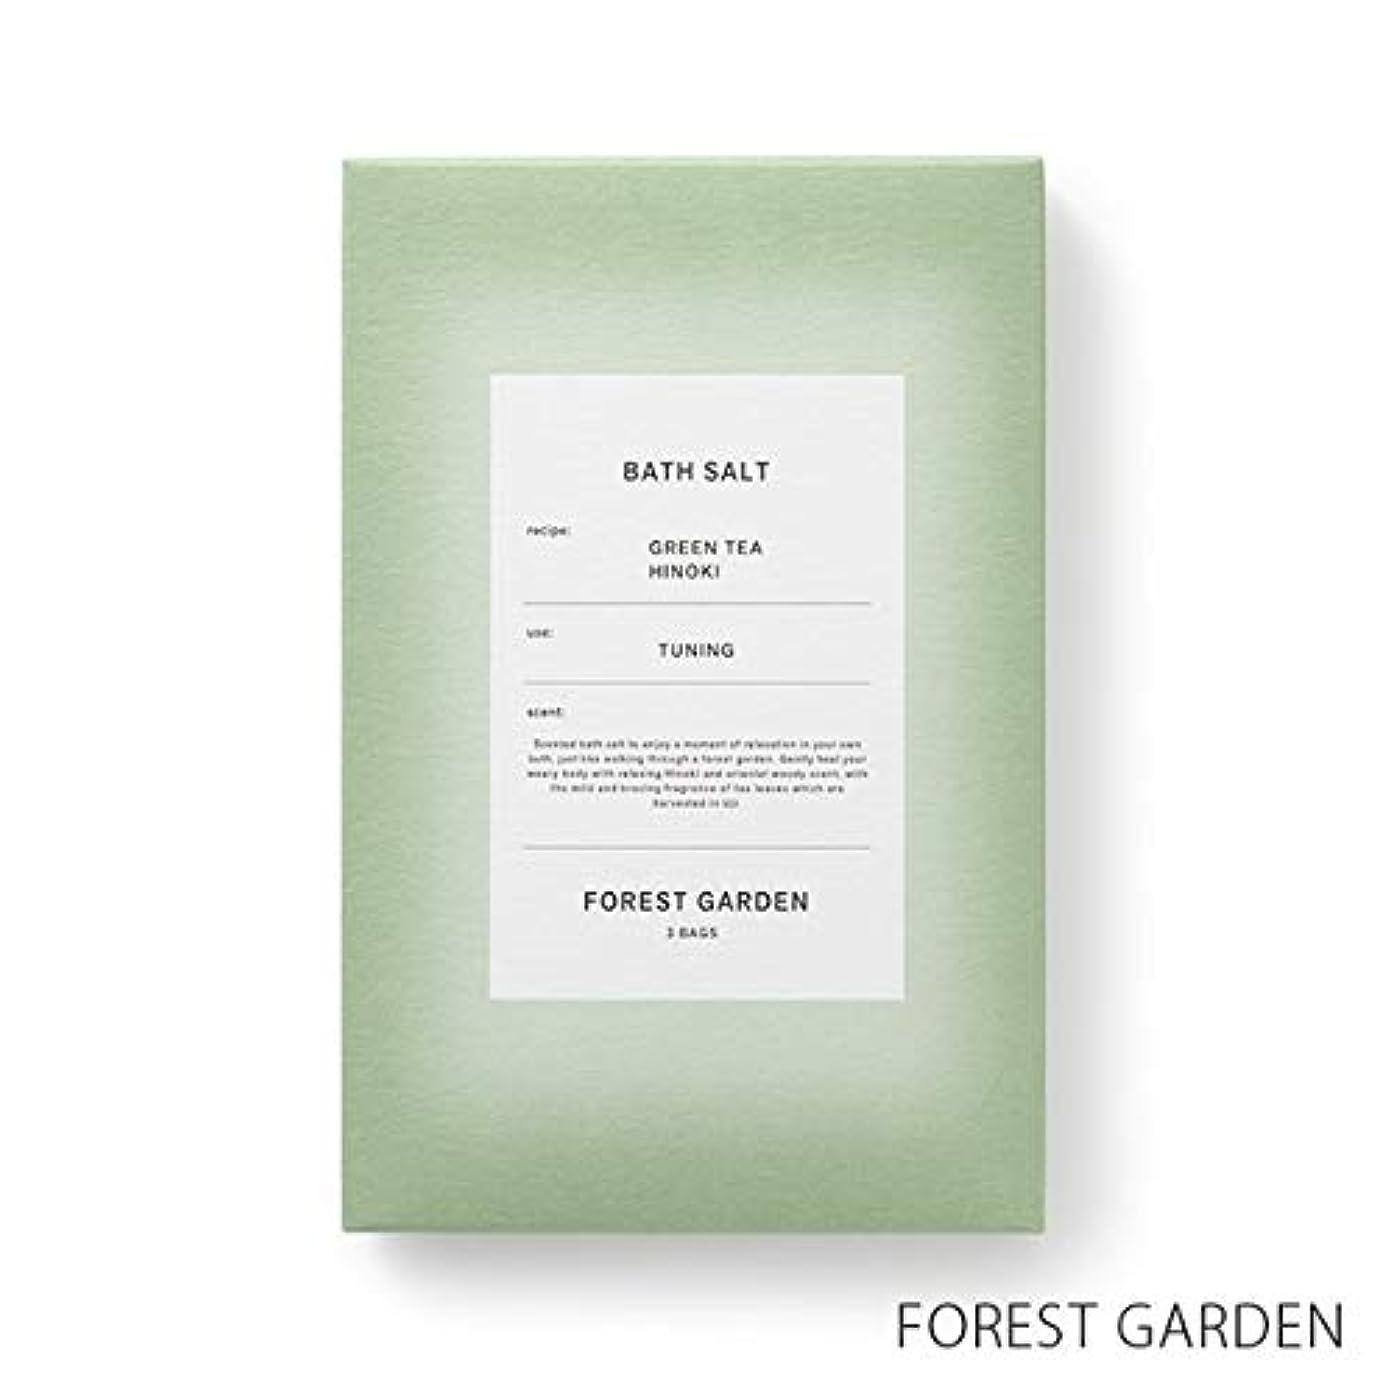 【薫玉堂】 バスソルト FOREST GARDEN 森の庭 緑 和 宇治茶の香り